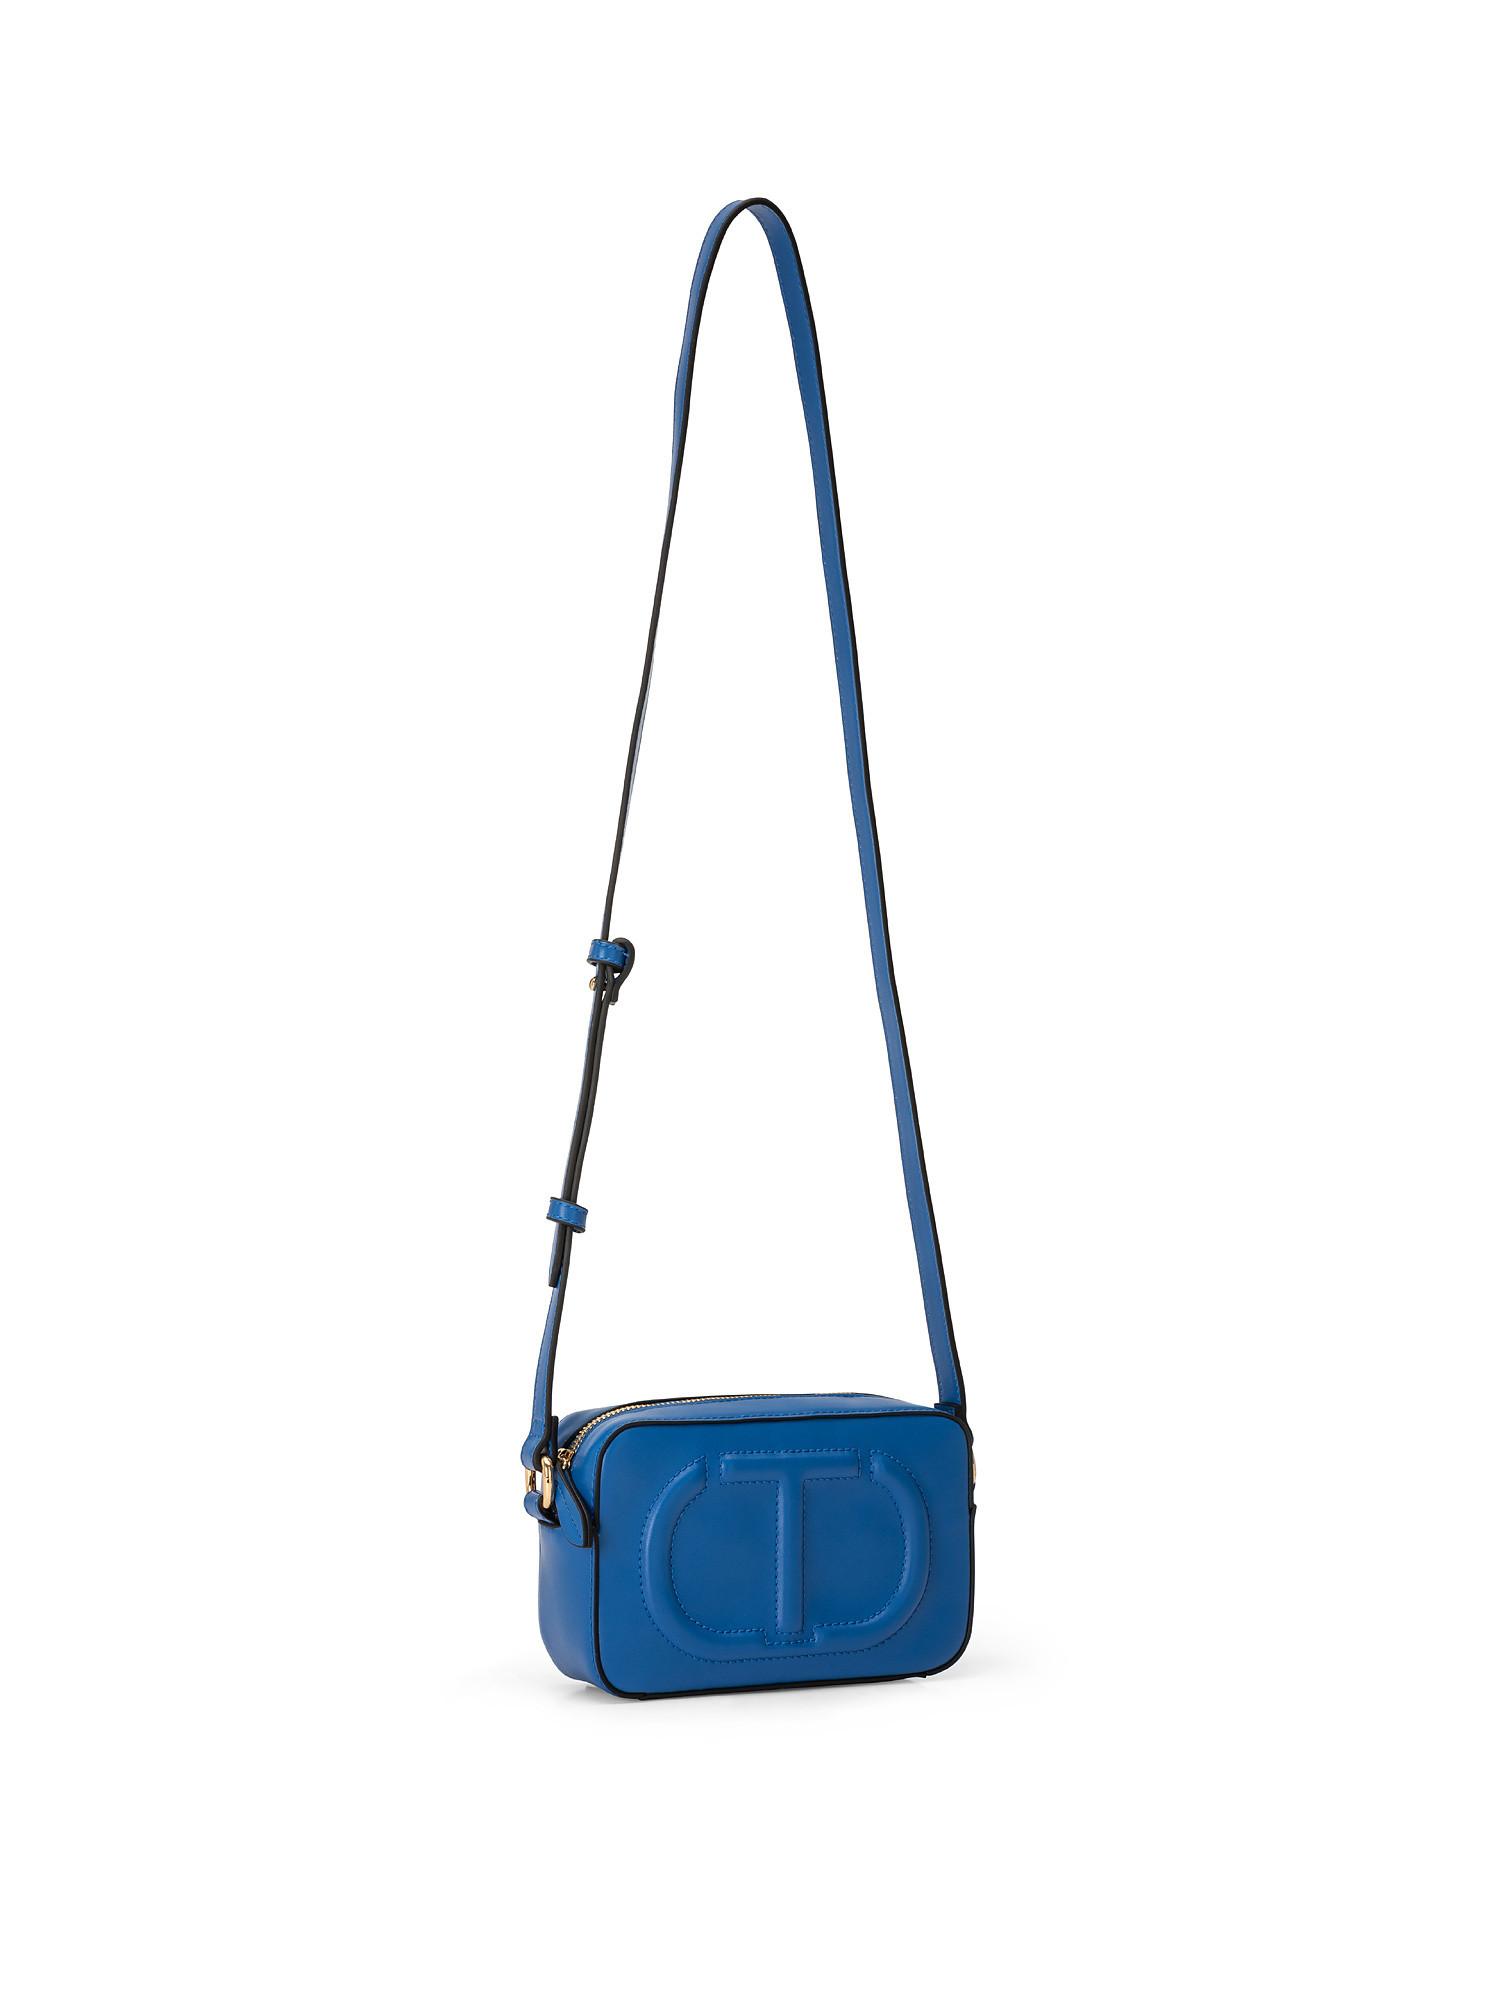 Tracolla piccola con zip e maxi logo trapuntato, Blu, large image number 1